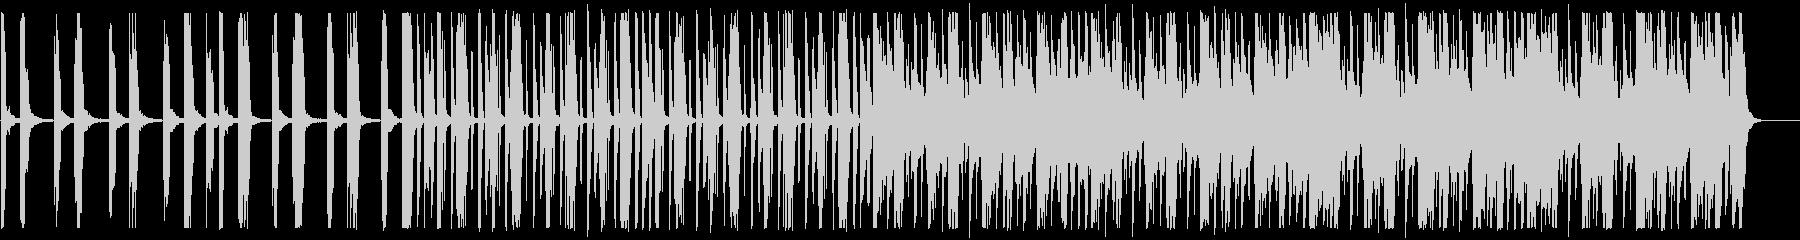 キラキラ/ローファイ_No593_2の未再生の波形